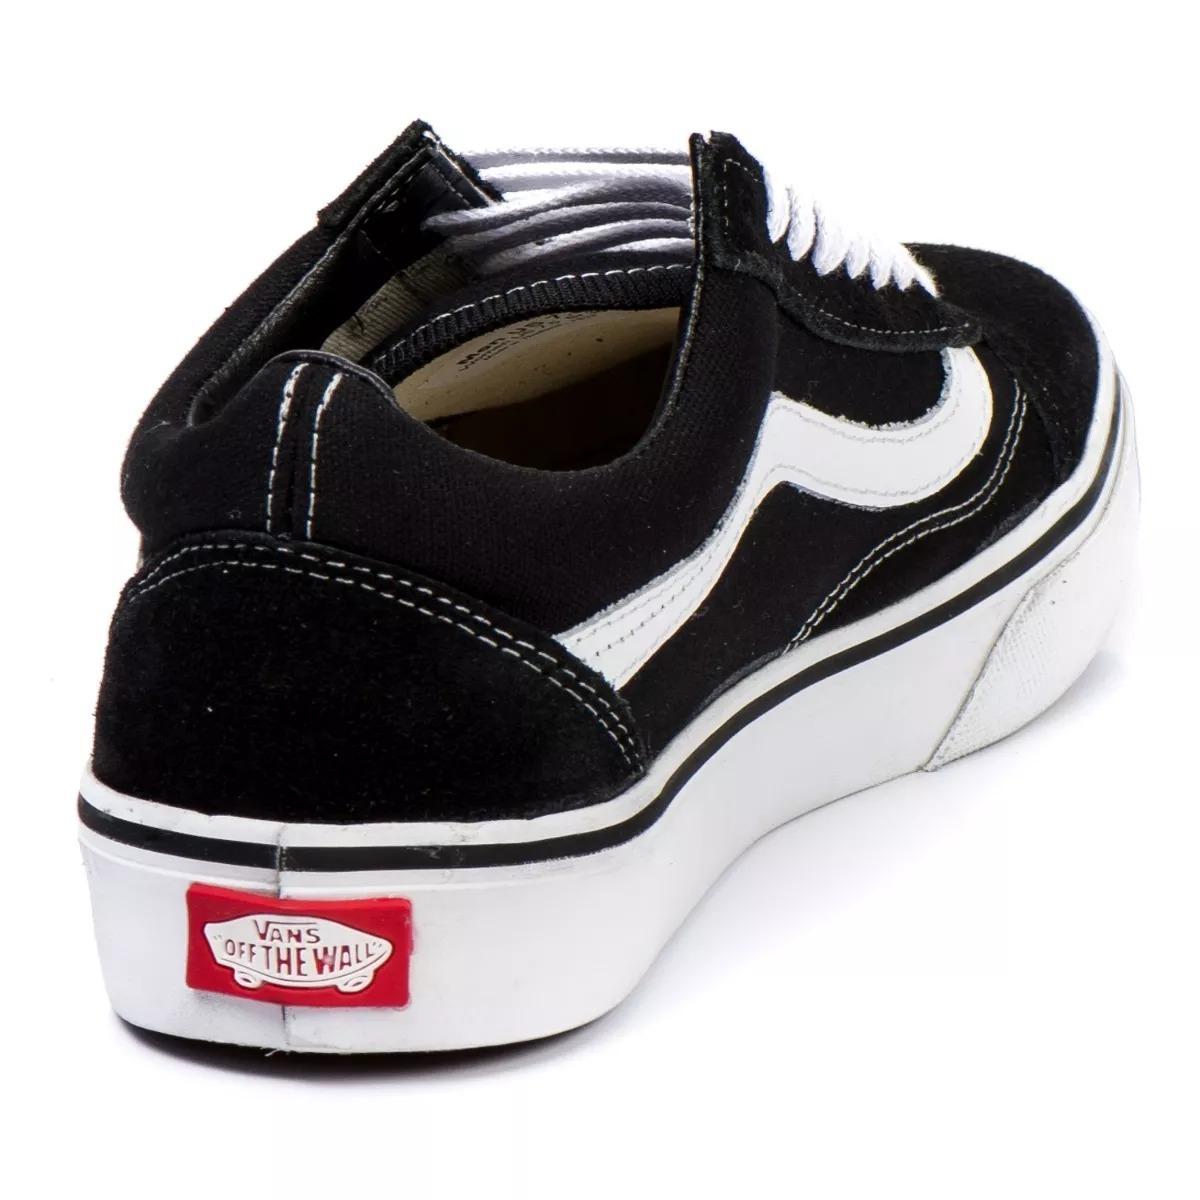 ae26184740 Queimao Tênis Vans Old Skool Fem masc Top De Linha!! - R  119